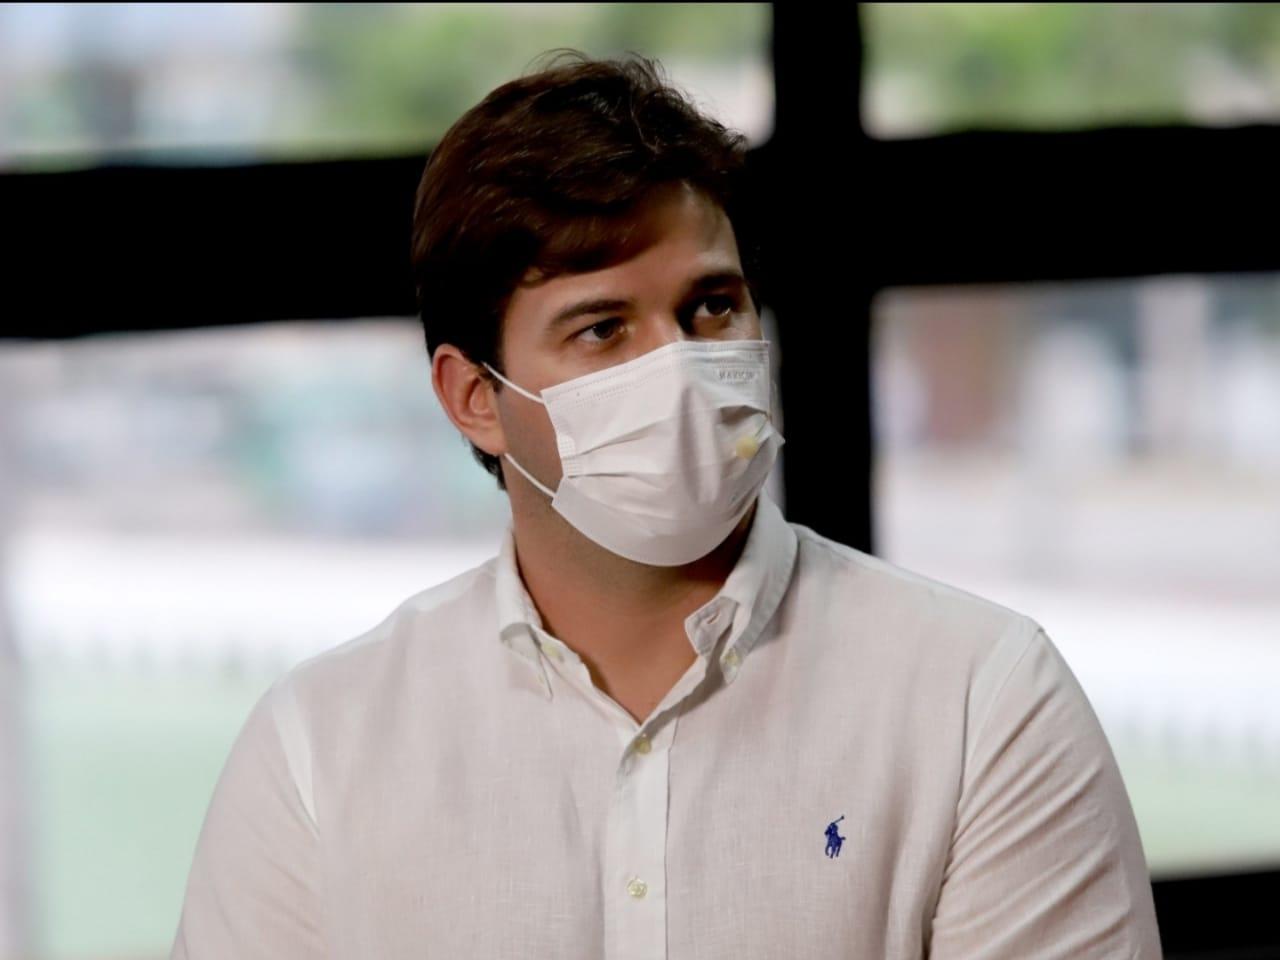 bruno 21 05 - COVID-19: Bruno assina novo decreto com medidas emergenciais de enfrentamento à pandemia do novo coronavírus